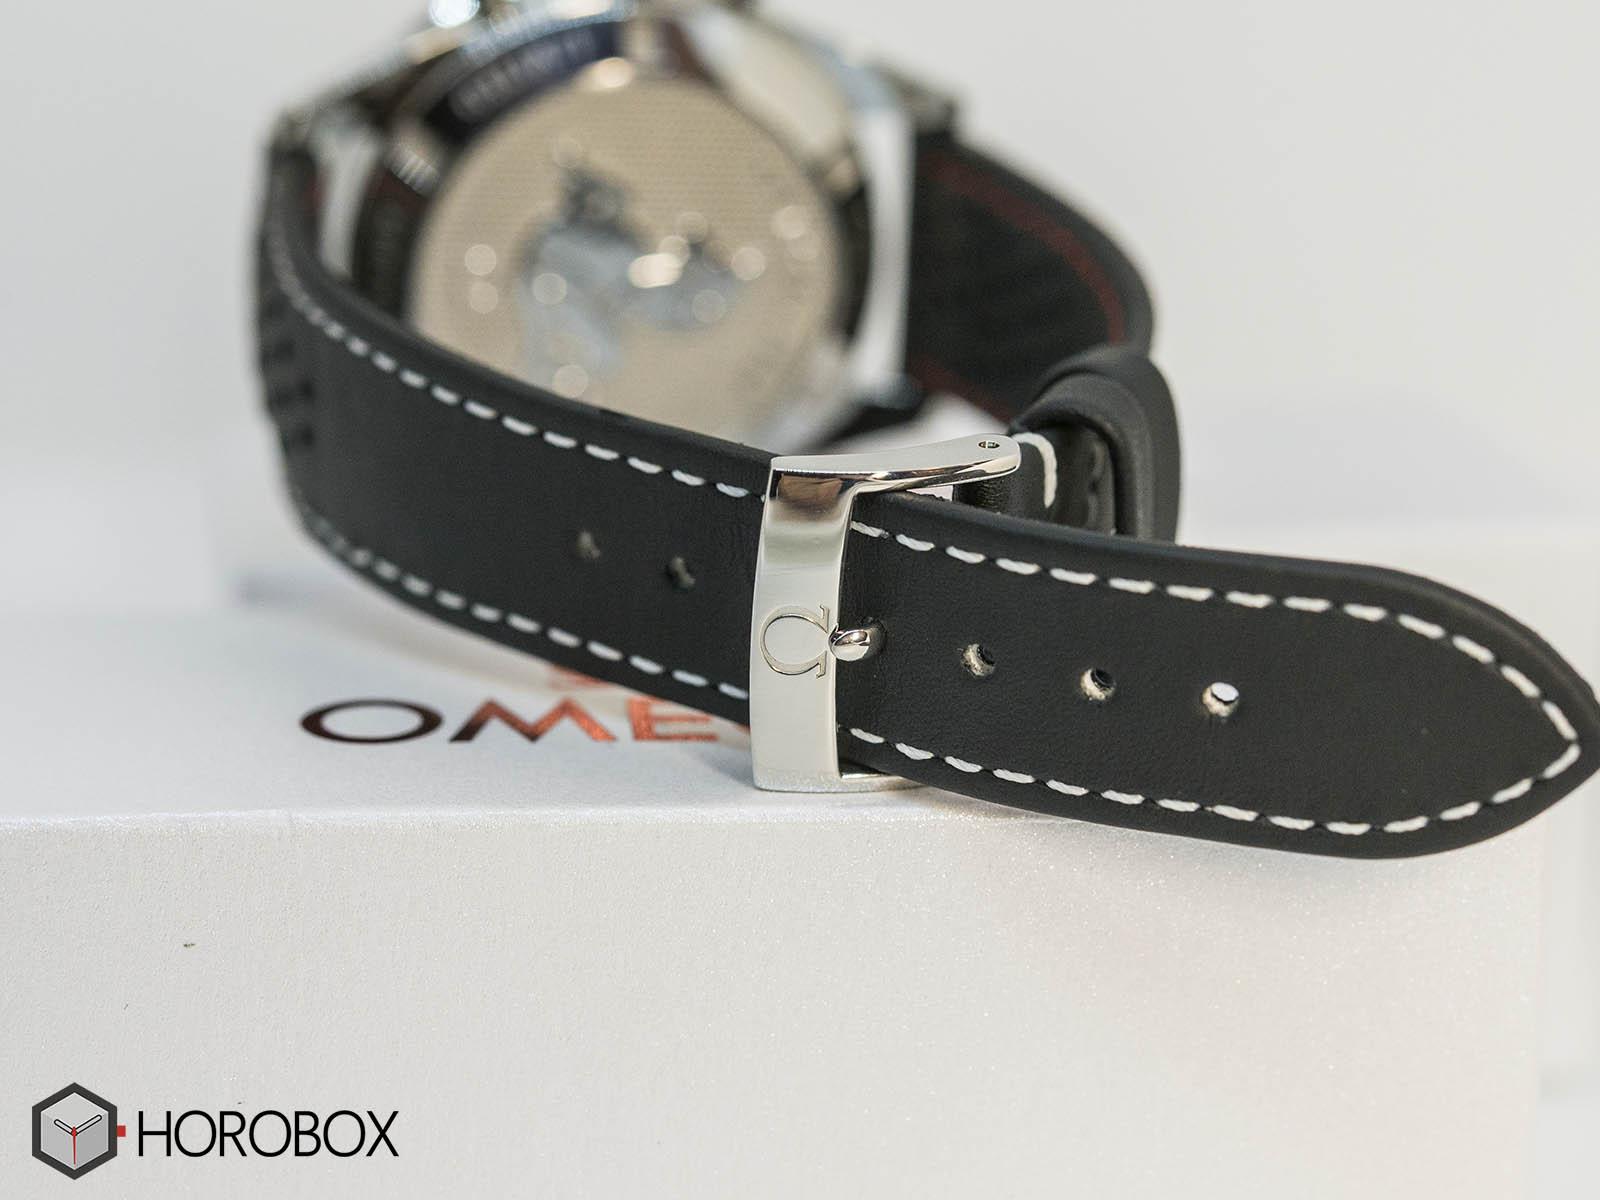 311-32-40-30-02-001-omega-speedmaster-ck2998-pulsometer-8.jpg